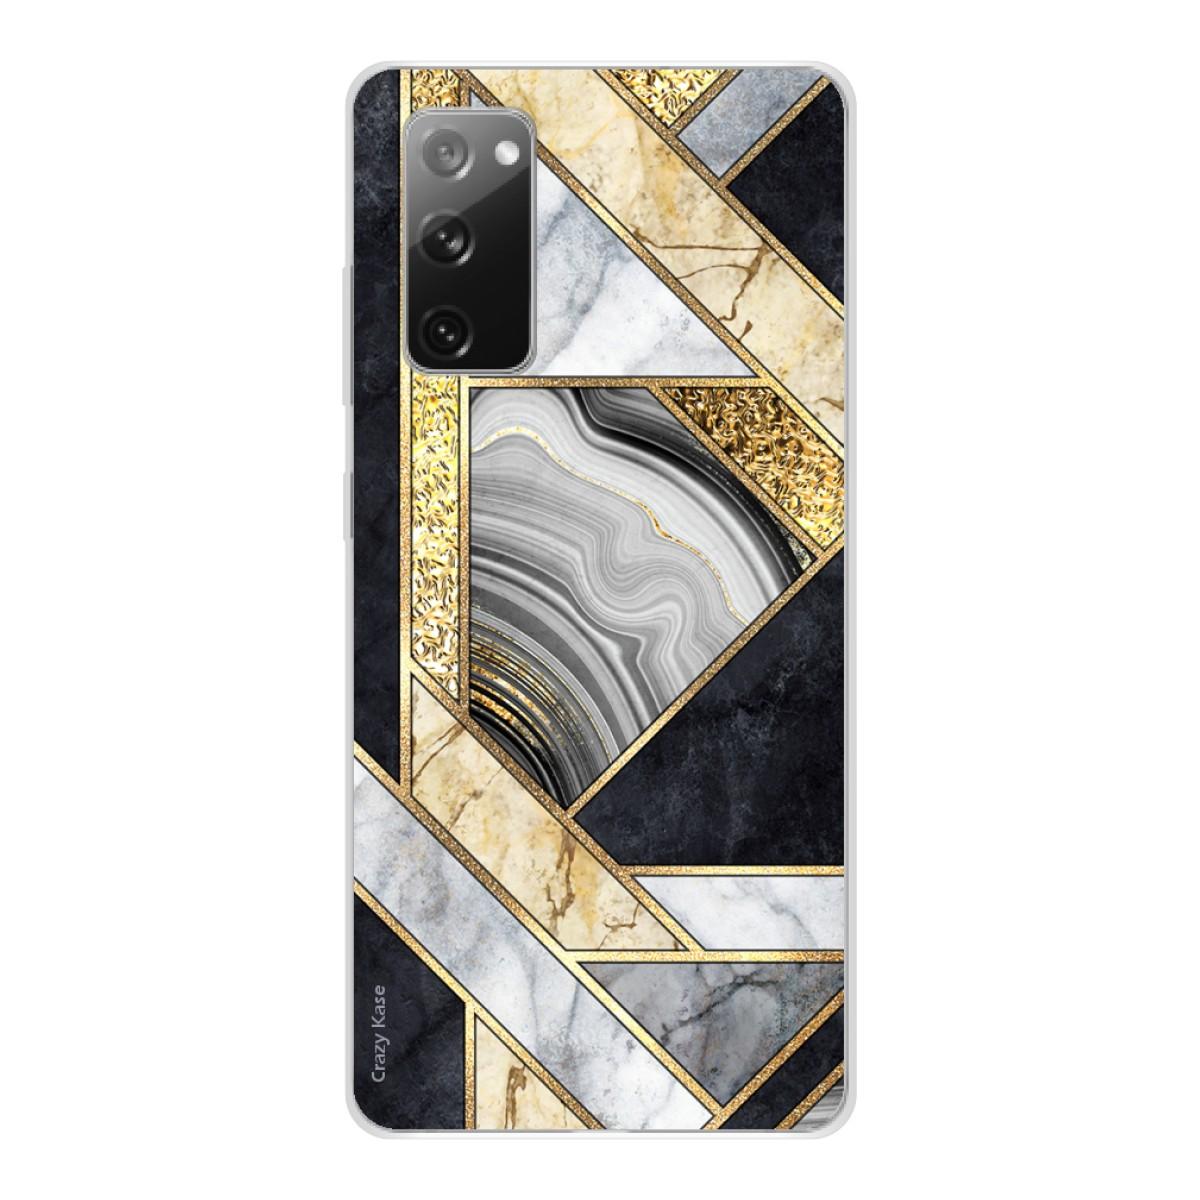 Coque Samsung Galaxy S20 FE en silicone motif Marbre noir et doré ...